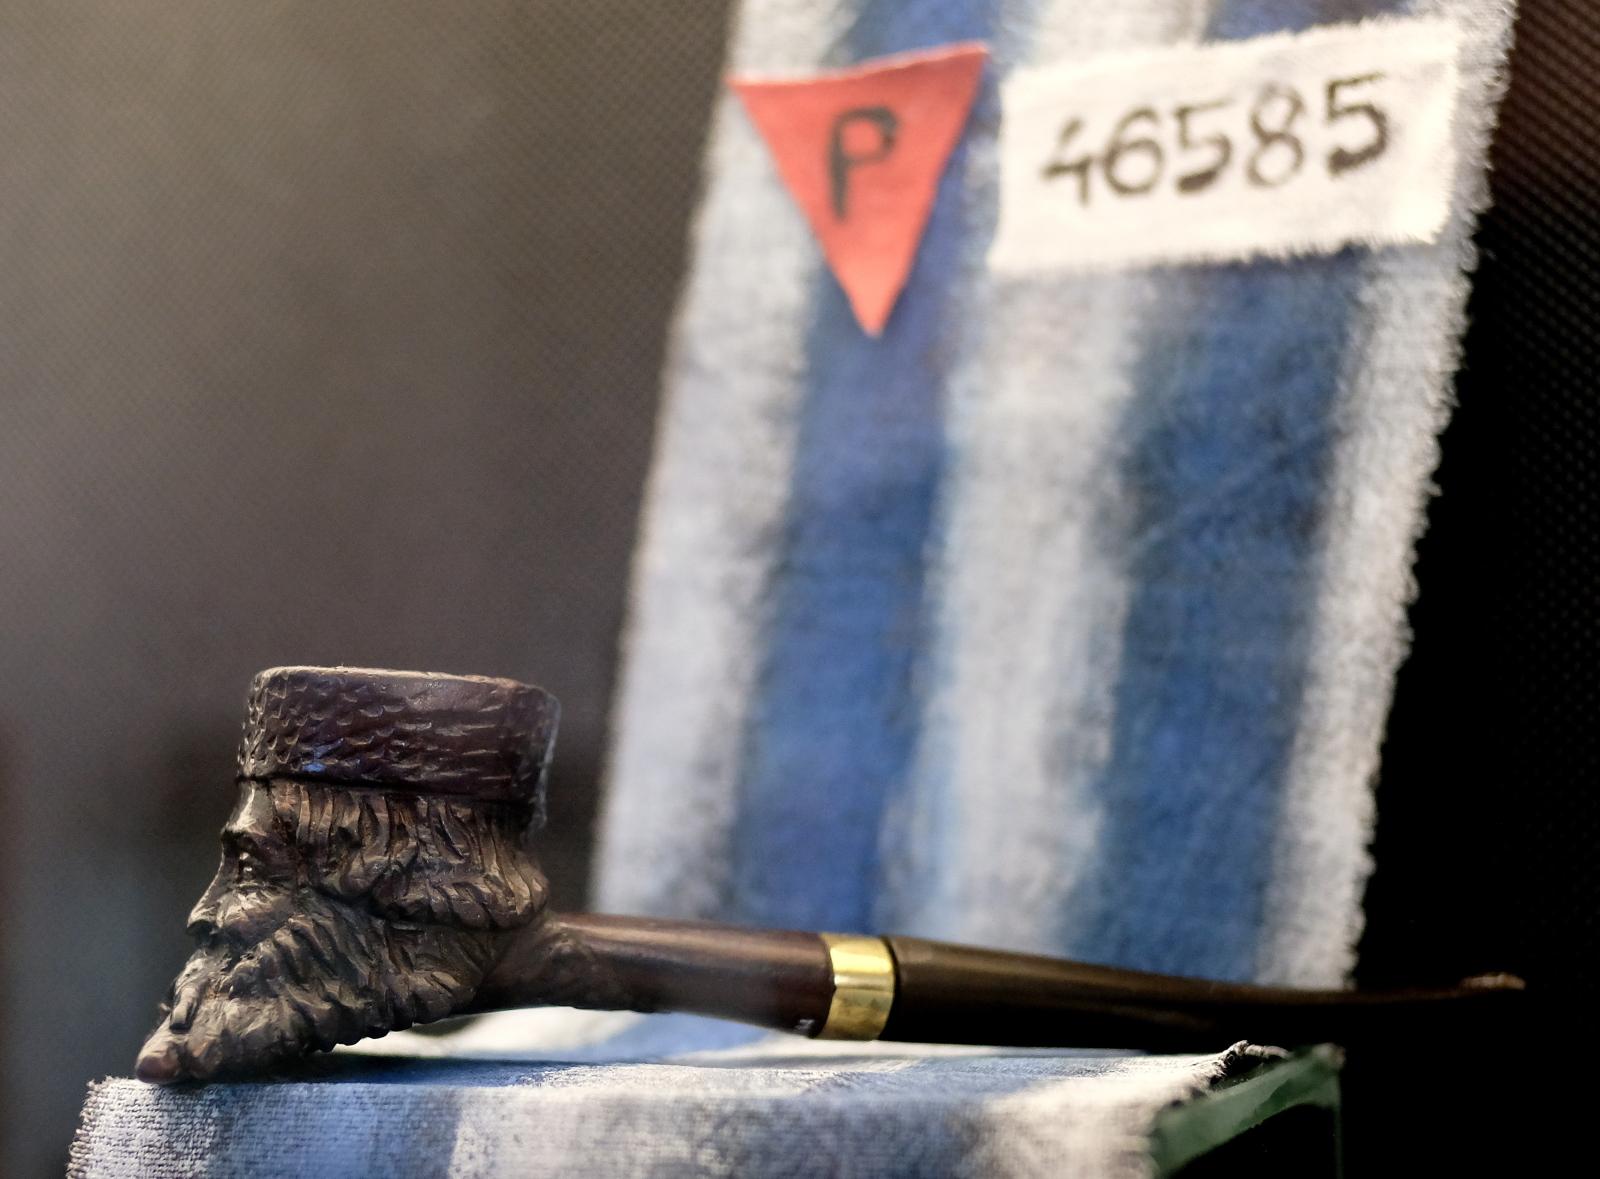 Eksponaty prezentowane na liczącej ok. 300 sztuk nowej wystawie fajek i cygarniczek w Muzeum Dzwonów i Fajek w Przemyślu.